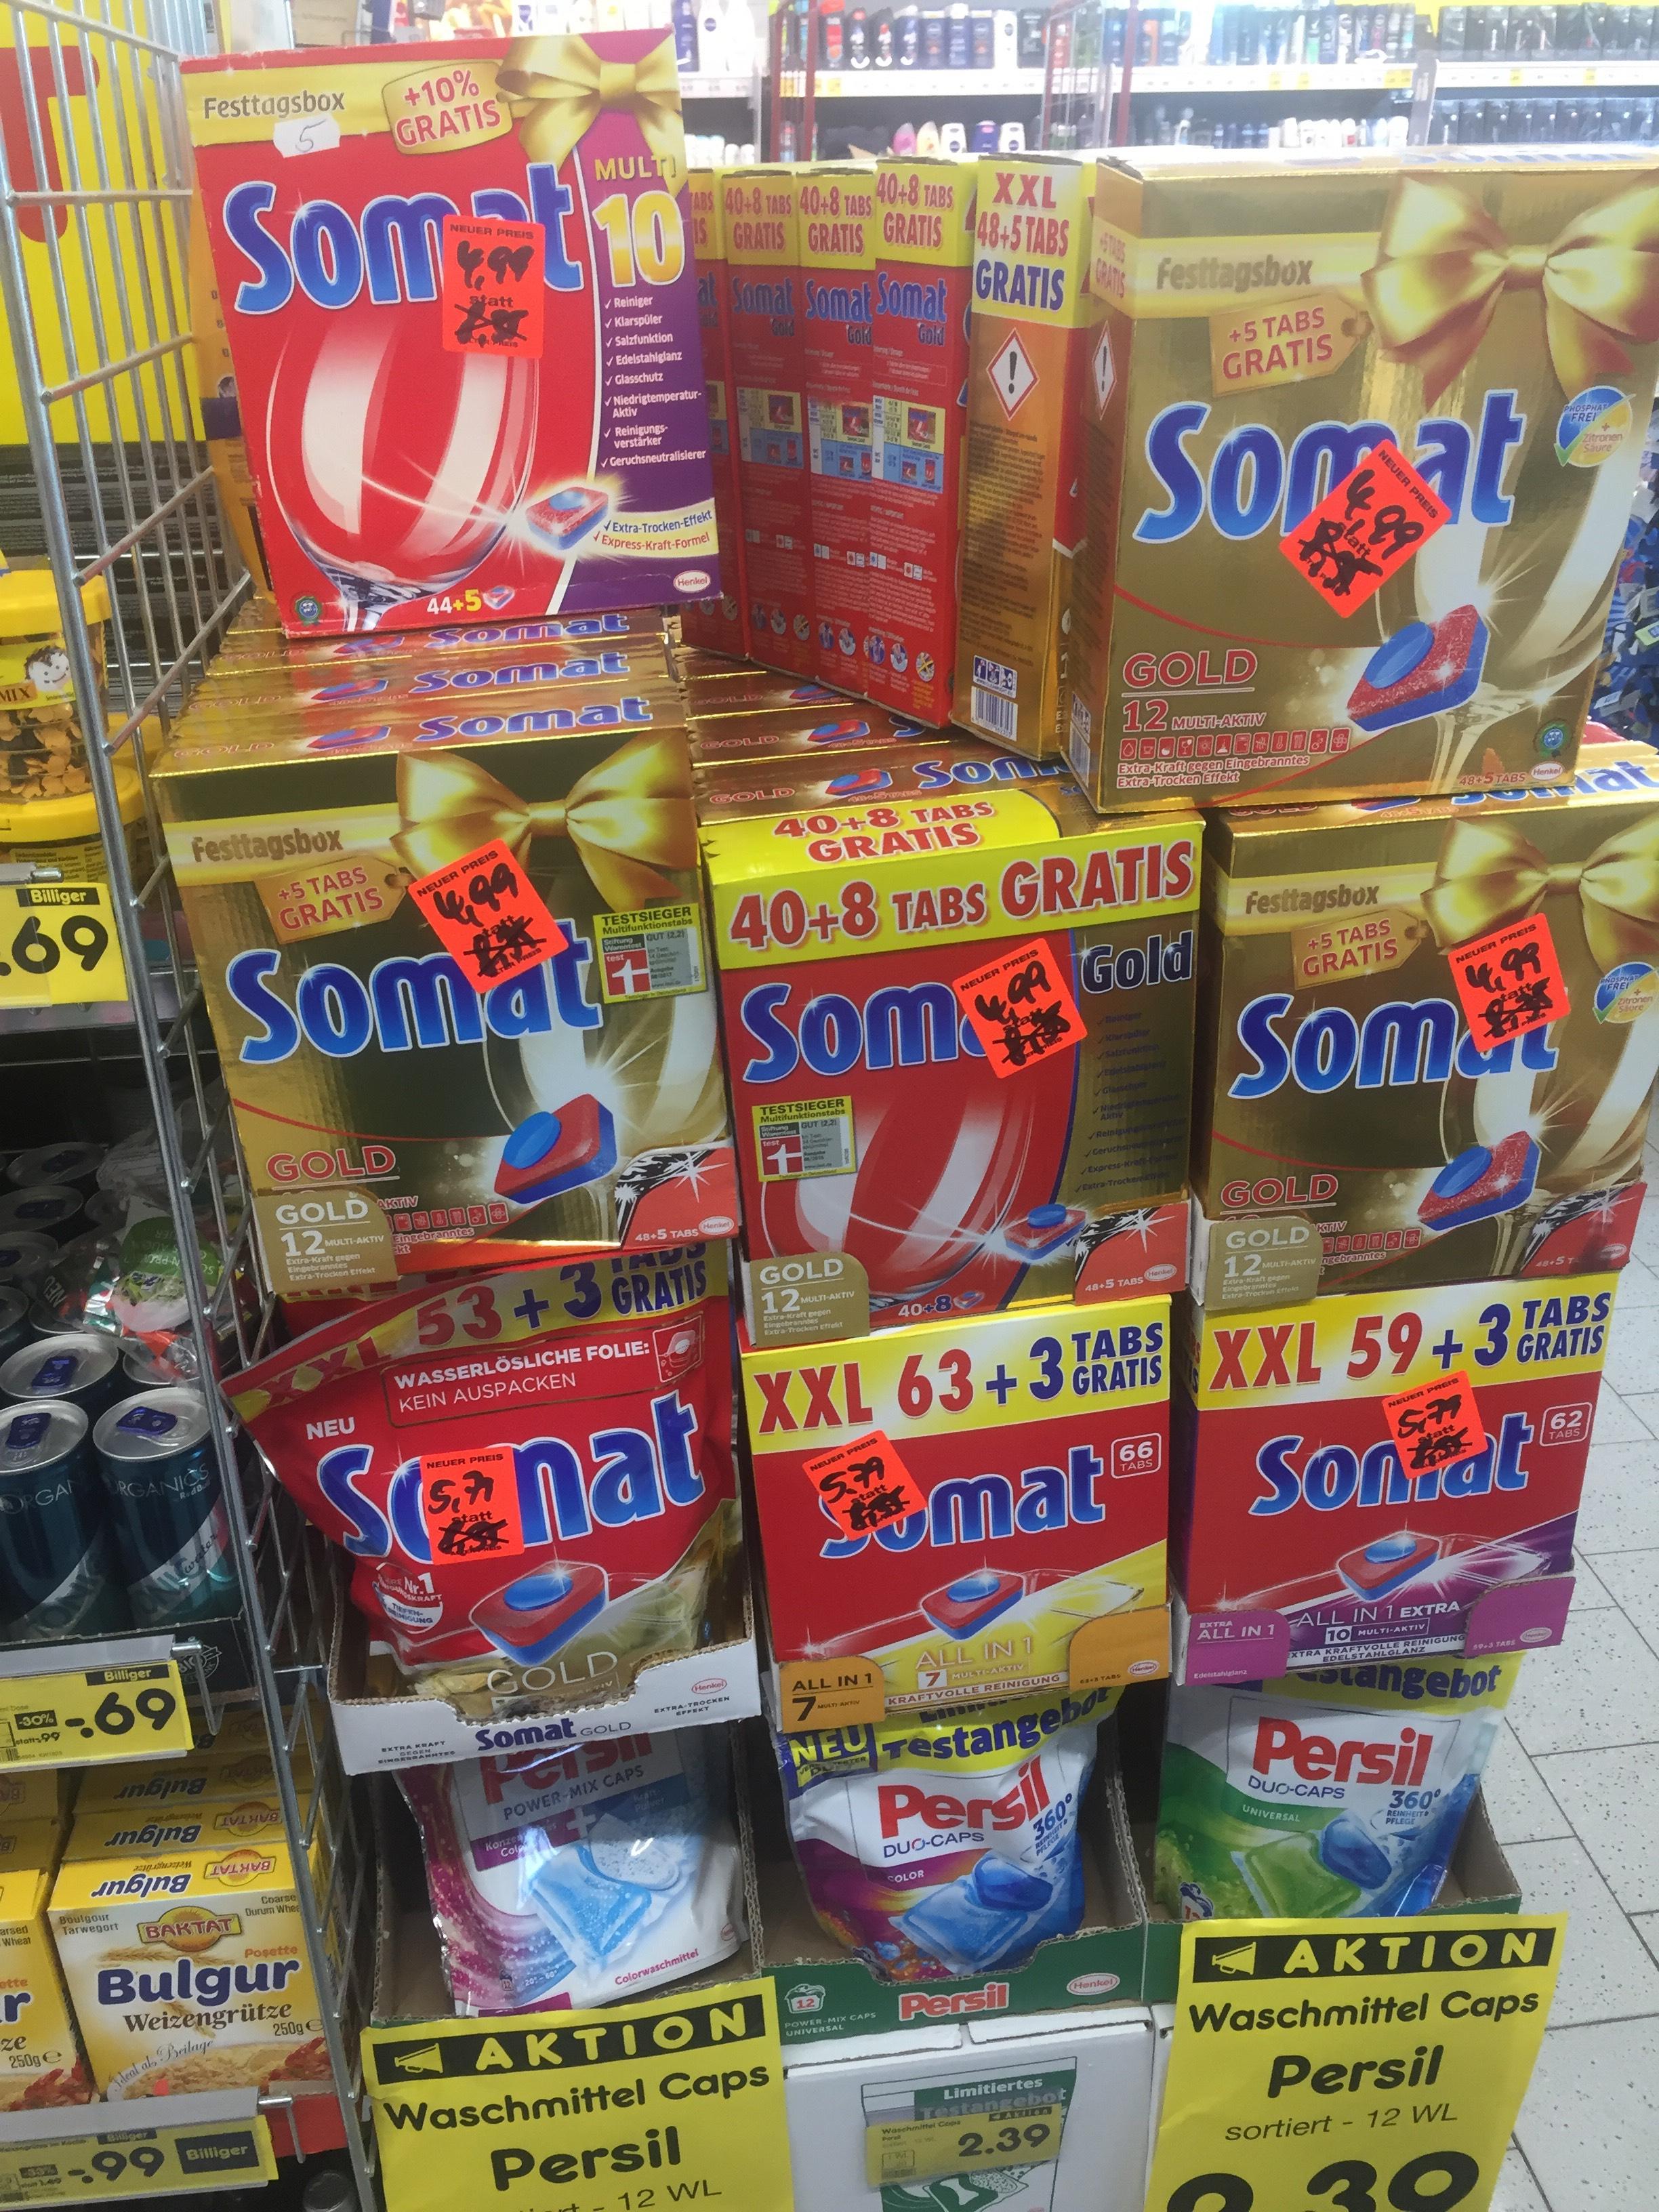 (Lokal) Somat Gold 53x für 4,99 Netto Wittstock